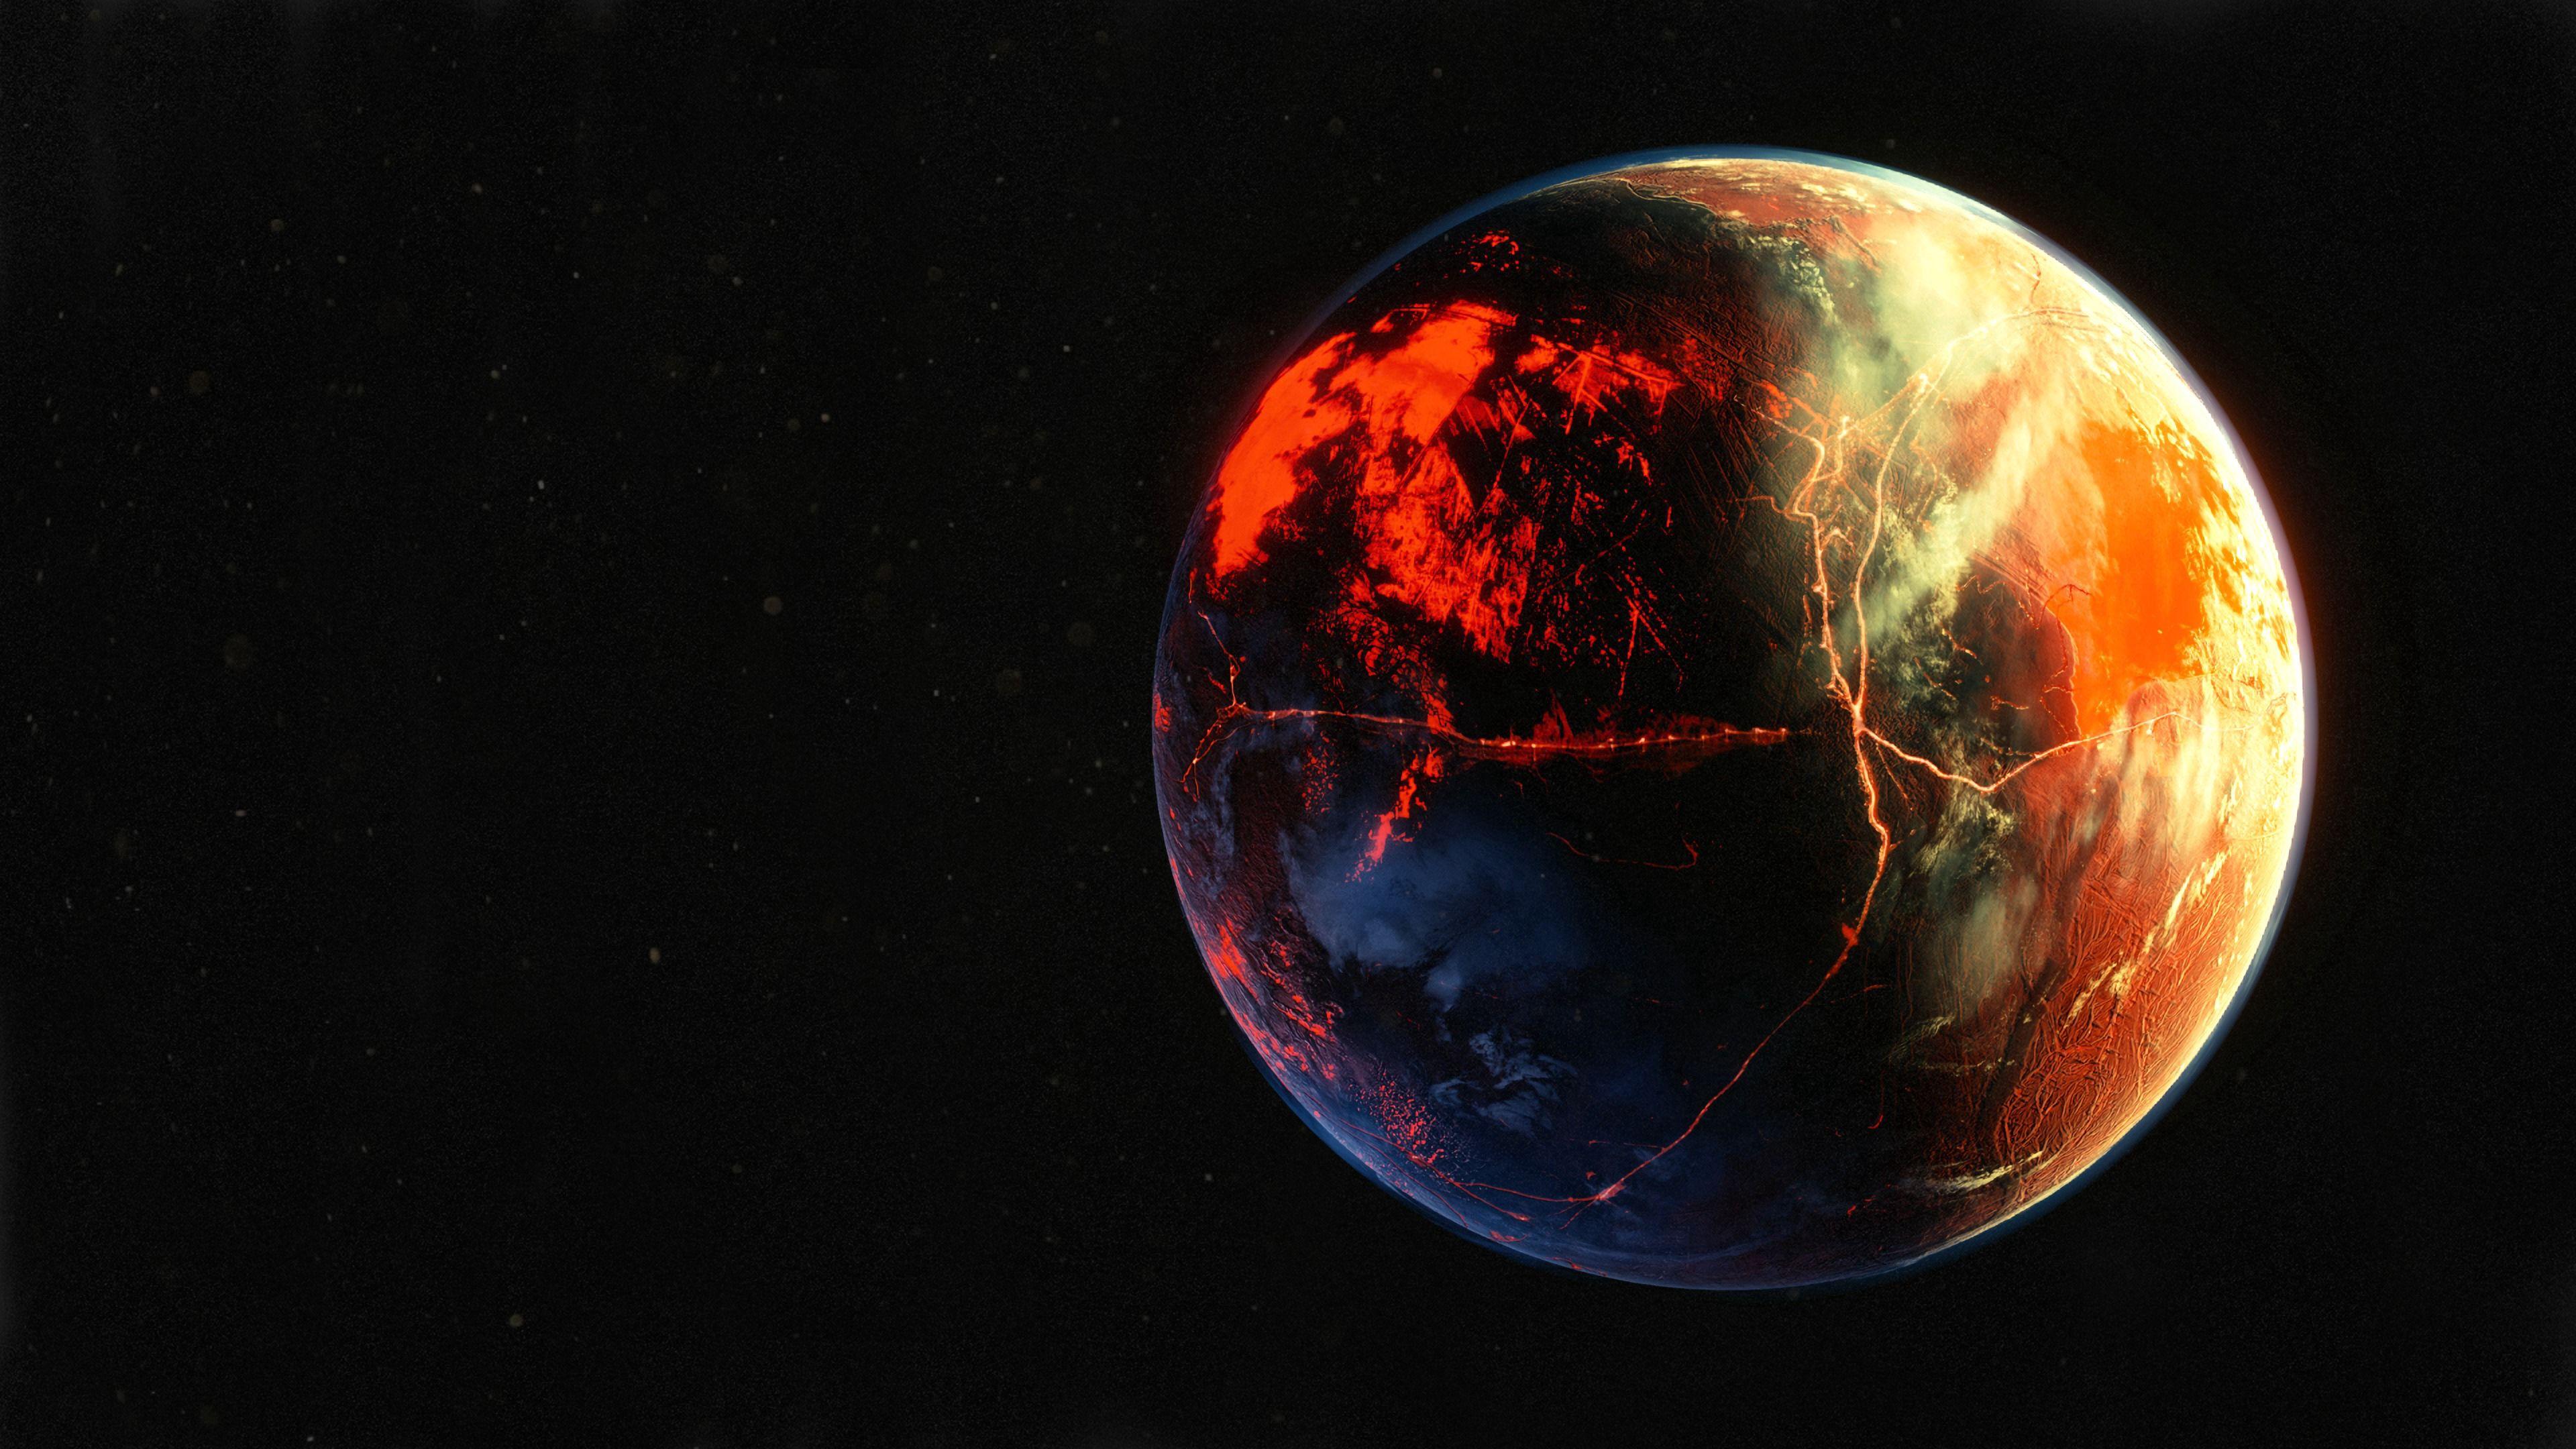 116396 скачать обои Поверхность, Космос, Планета, Атмосфера, Открытый Космос - заставки и картинки бесплатно